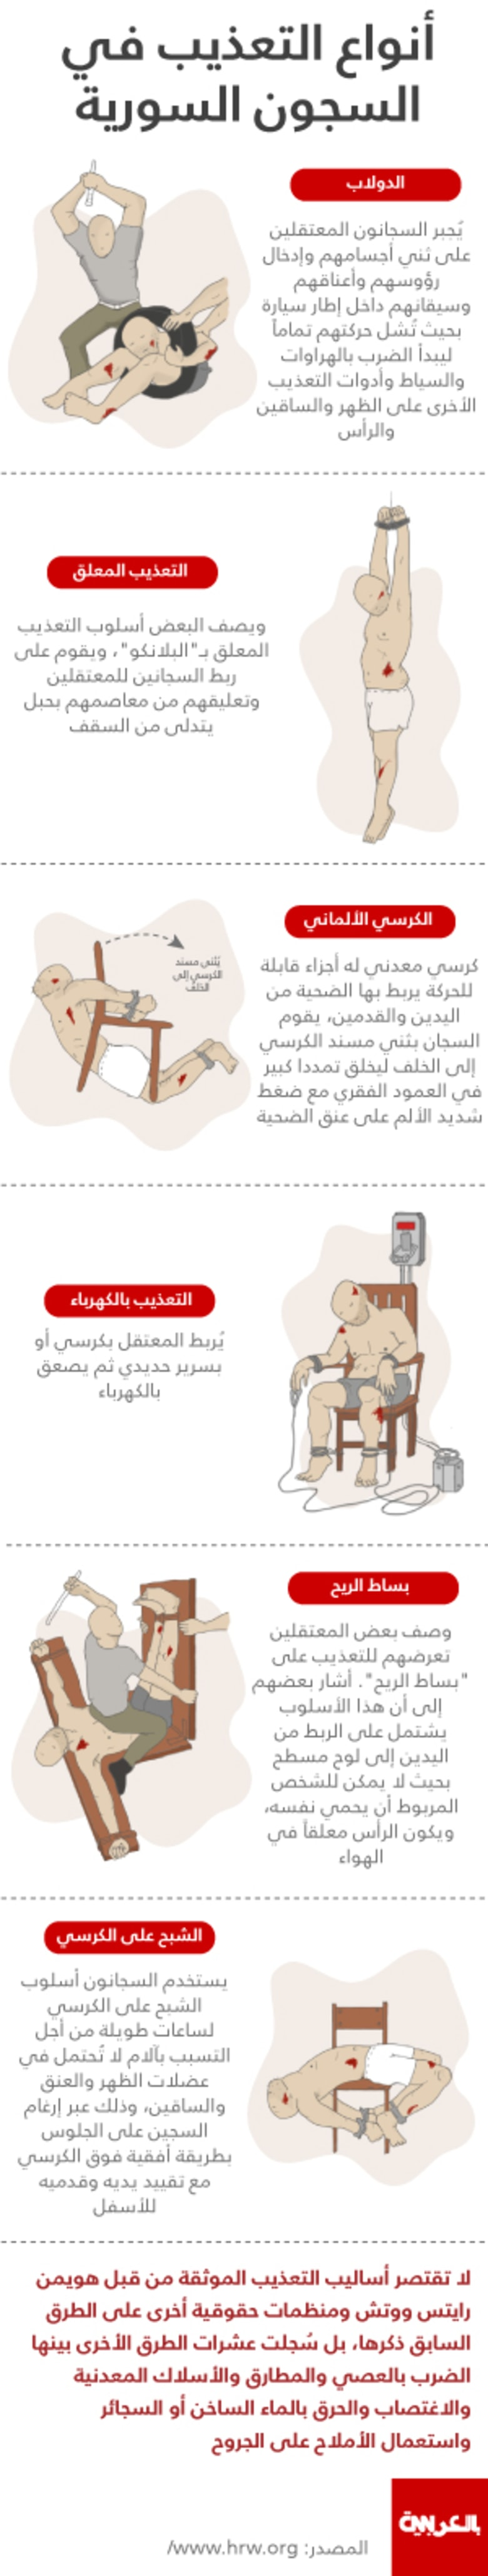 """درّب عليها ضابط نازي: """"الشبح"""" و""""الكرسي الألماني"""" و""""الدولاب"""".. شاهد أقسى أنواع التعذيب بسجون الأسد"""